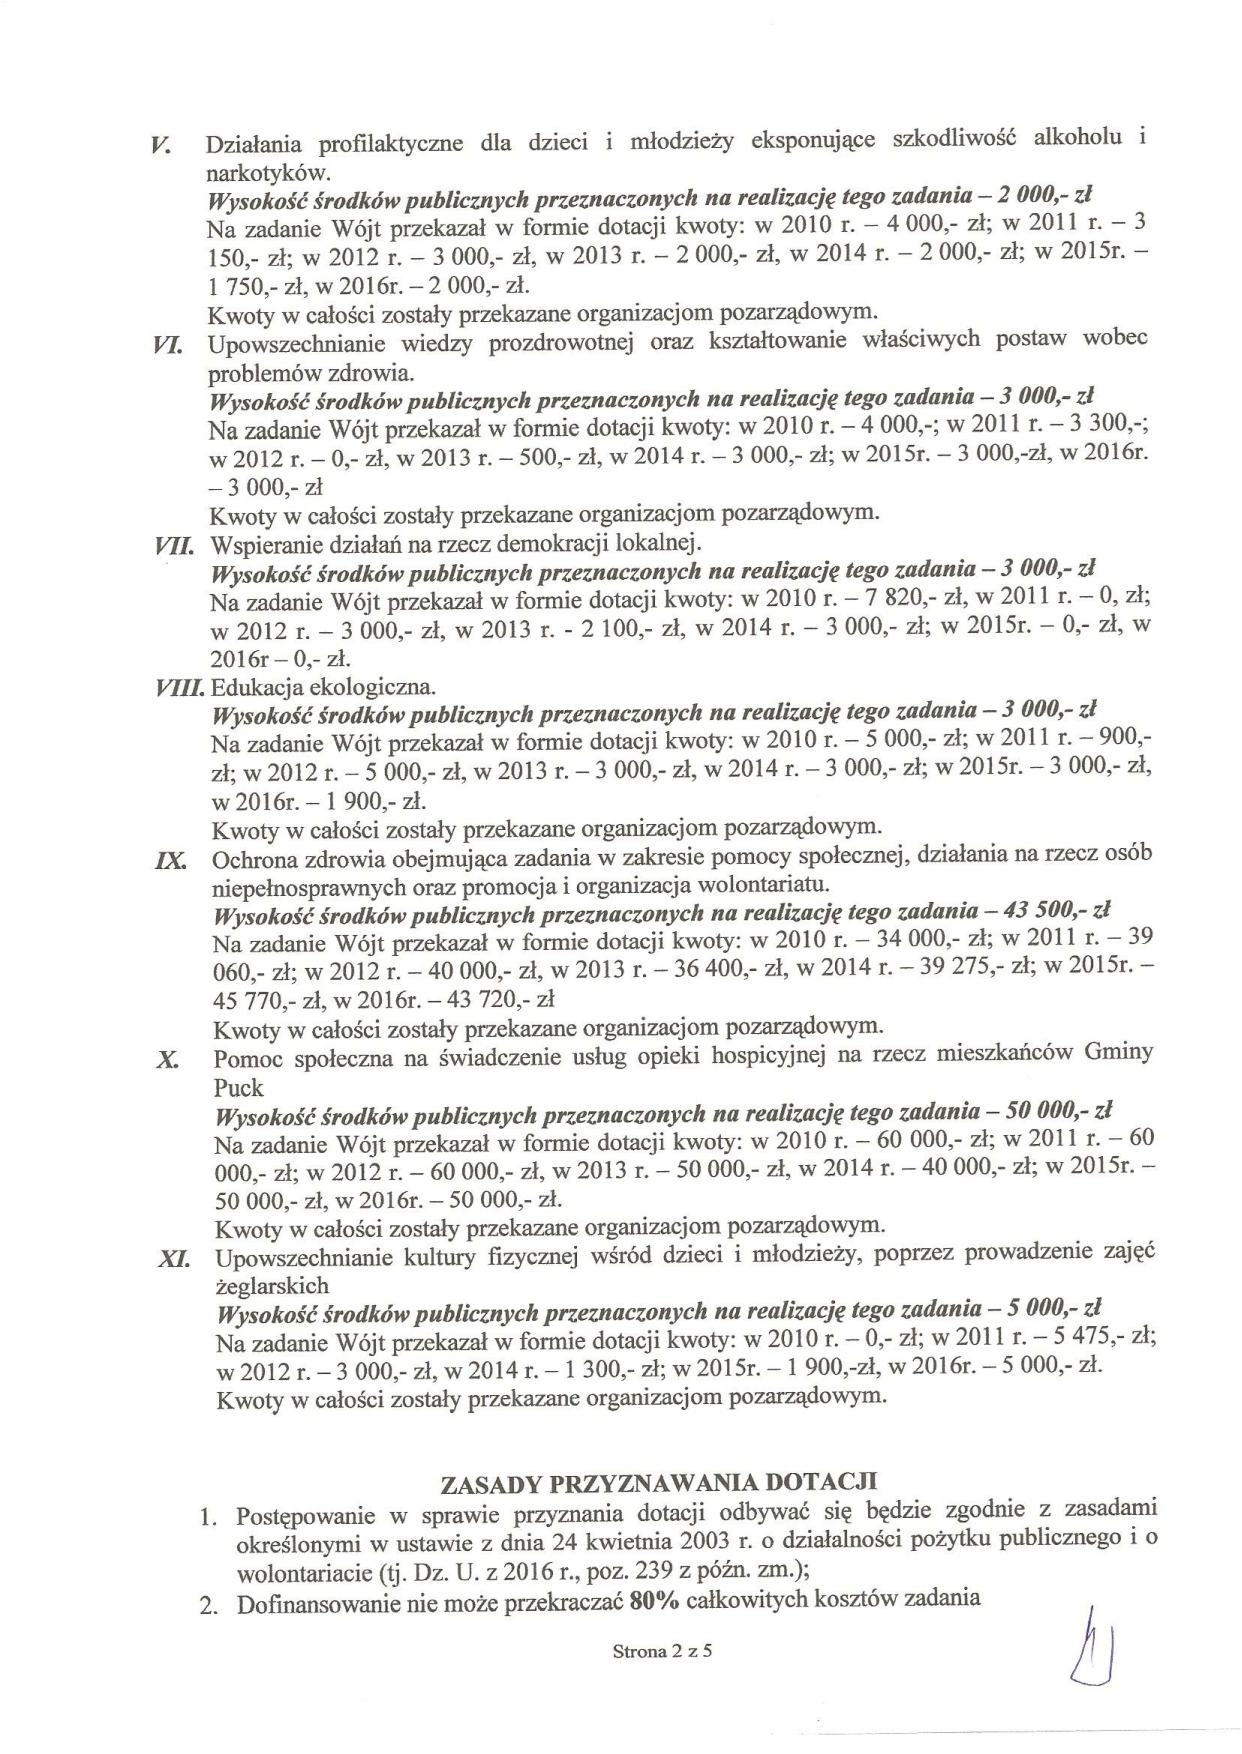 ogloszenie-o-konkursie-na-2017r_02